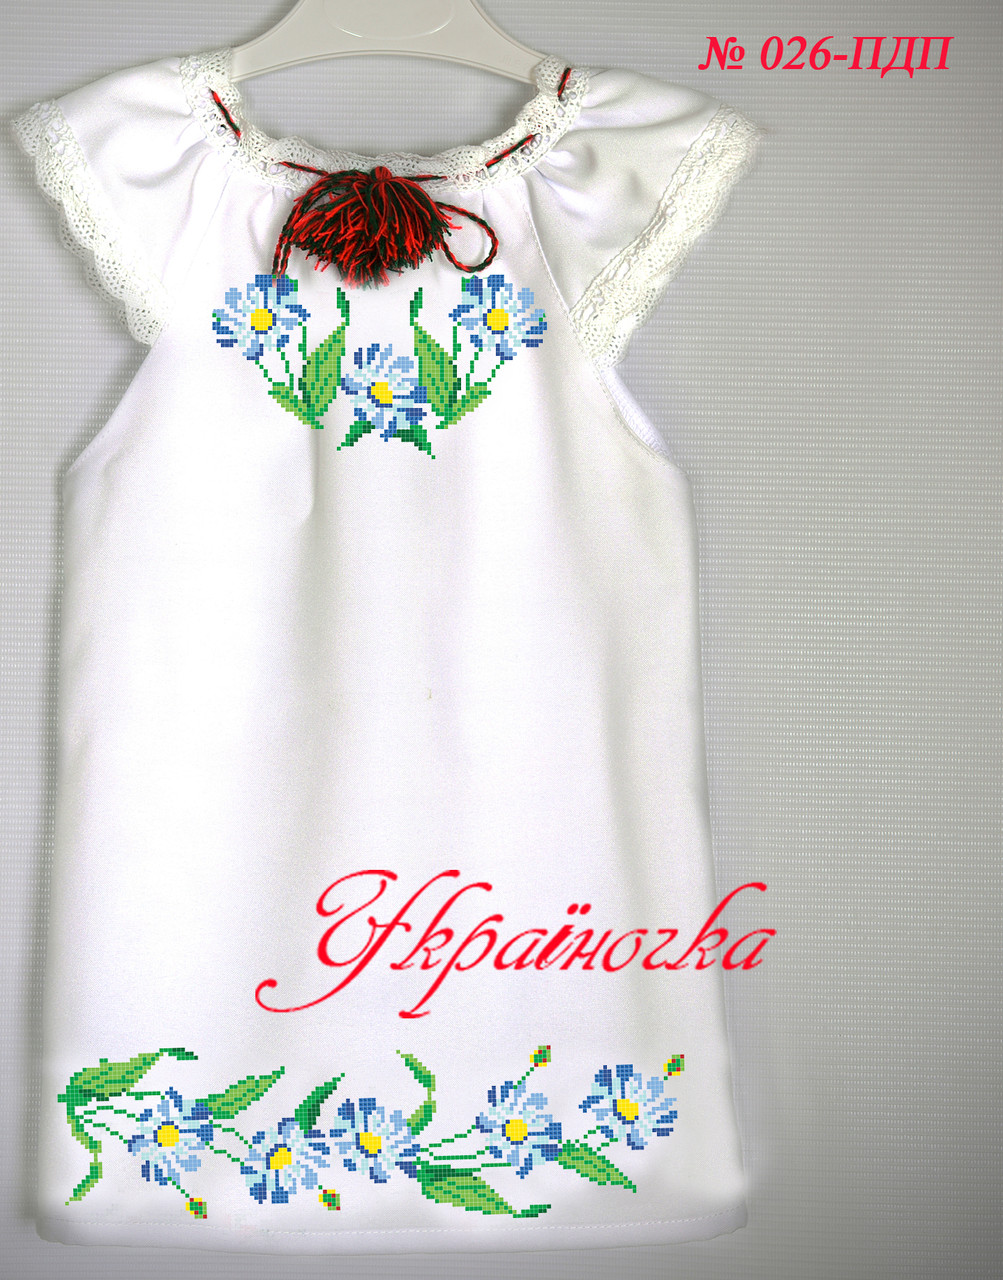 Сшитое детское платье под вышивку №026